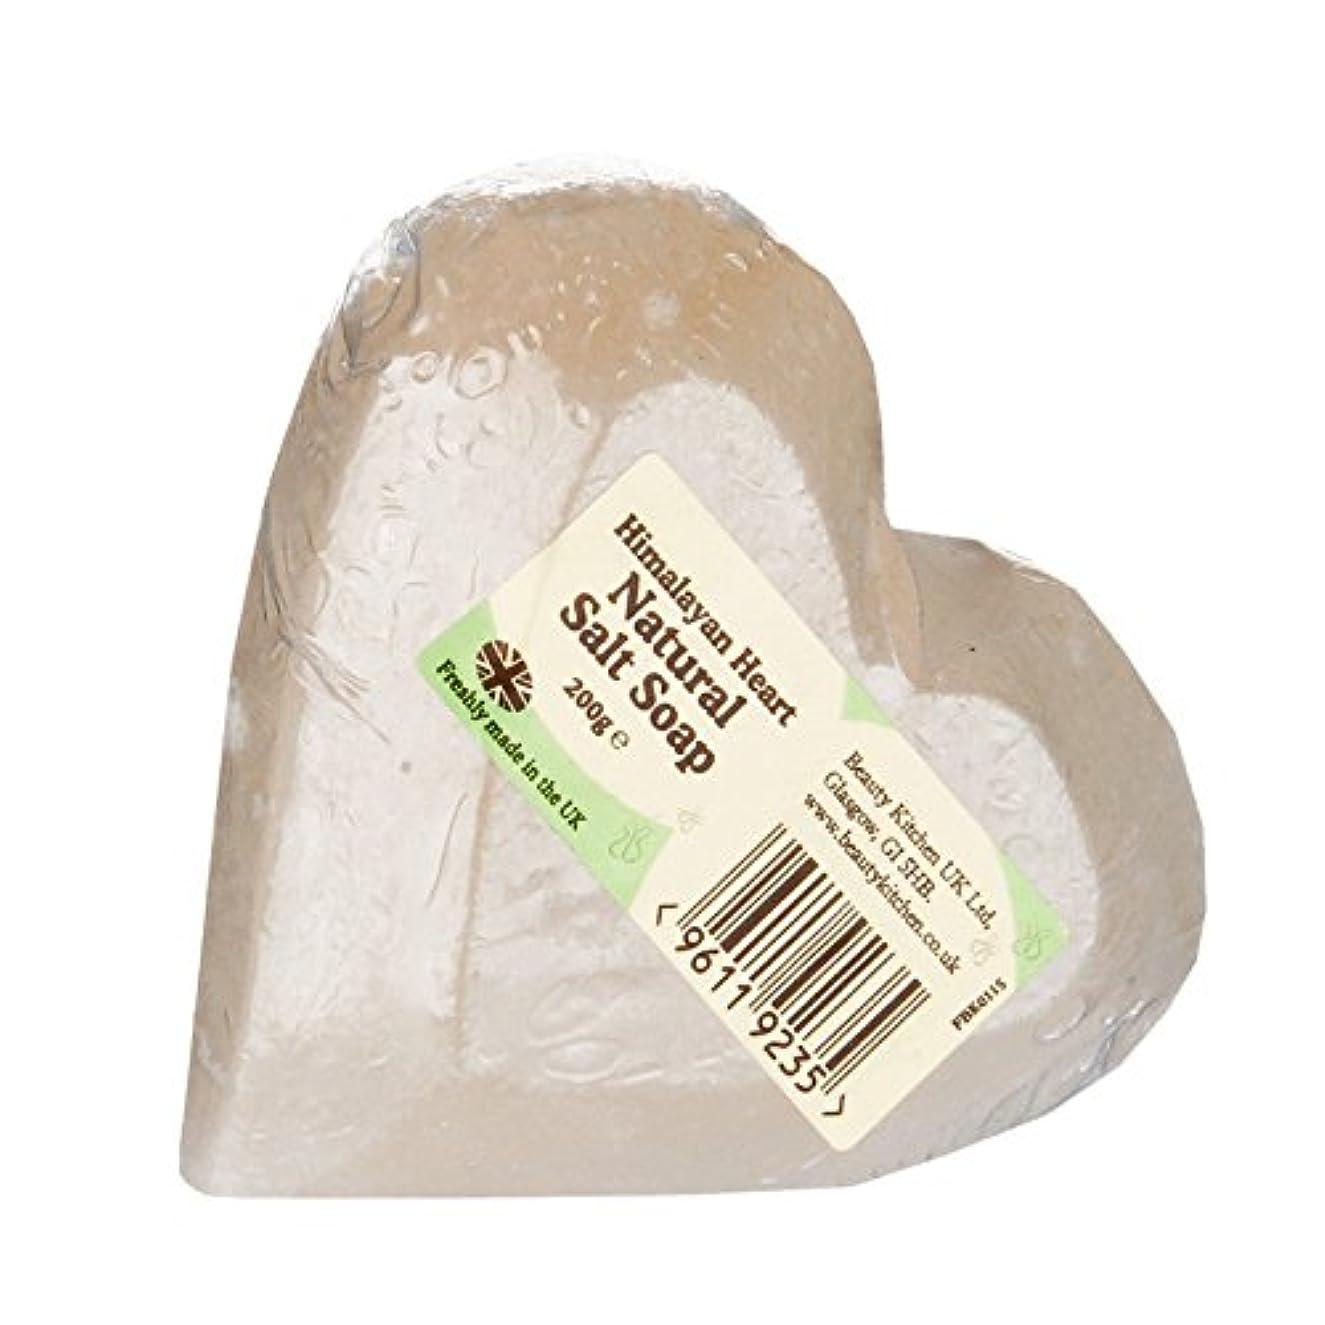 値下げ脆いインタネットを見るBeauty Kitchen Himalayan Heart Soap 200g (Pack of 6) - 美容キッチンヒマラヤンハートソープ200グラム (x6) [並行輸入品]